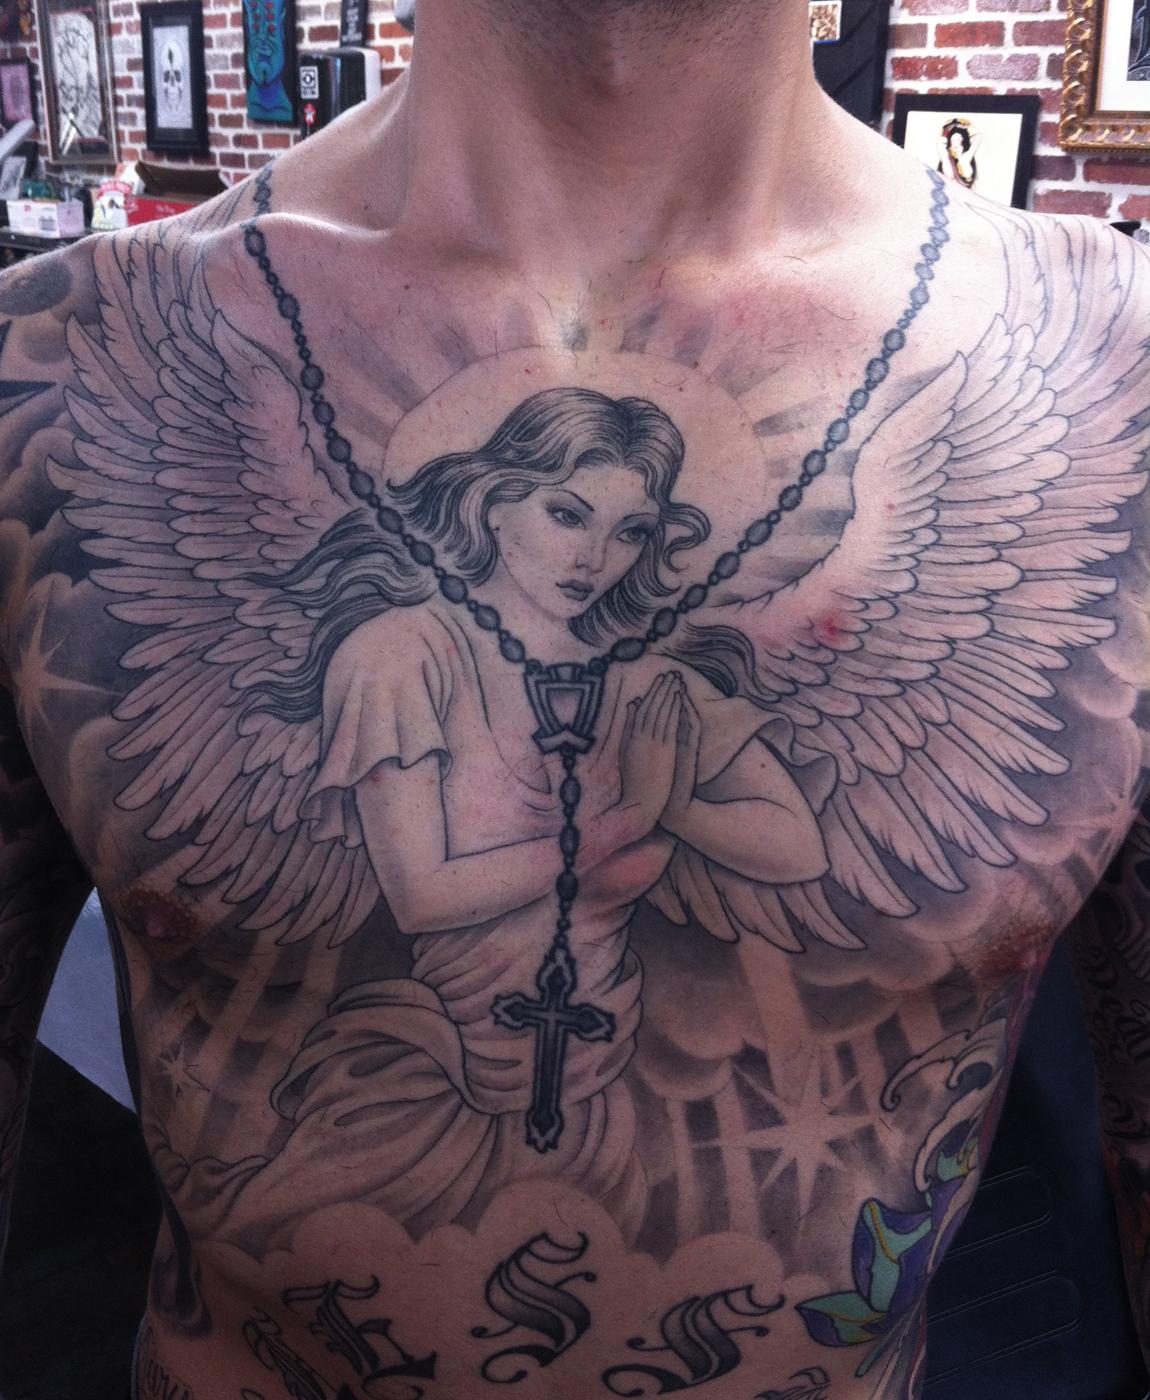 30 Best Chest Tattoos For Men